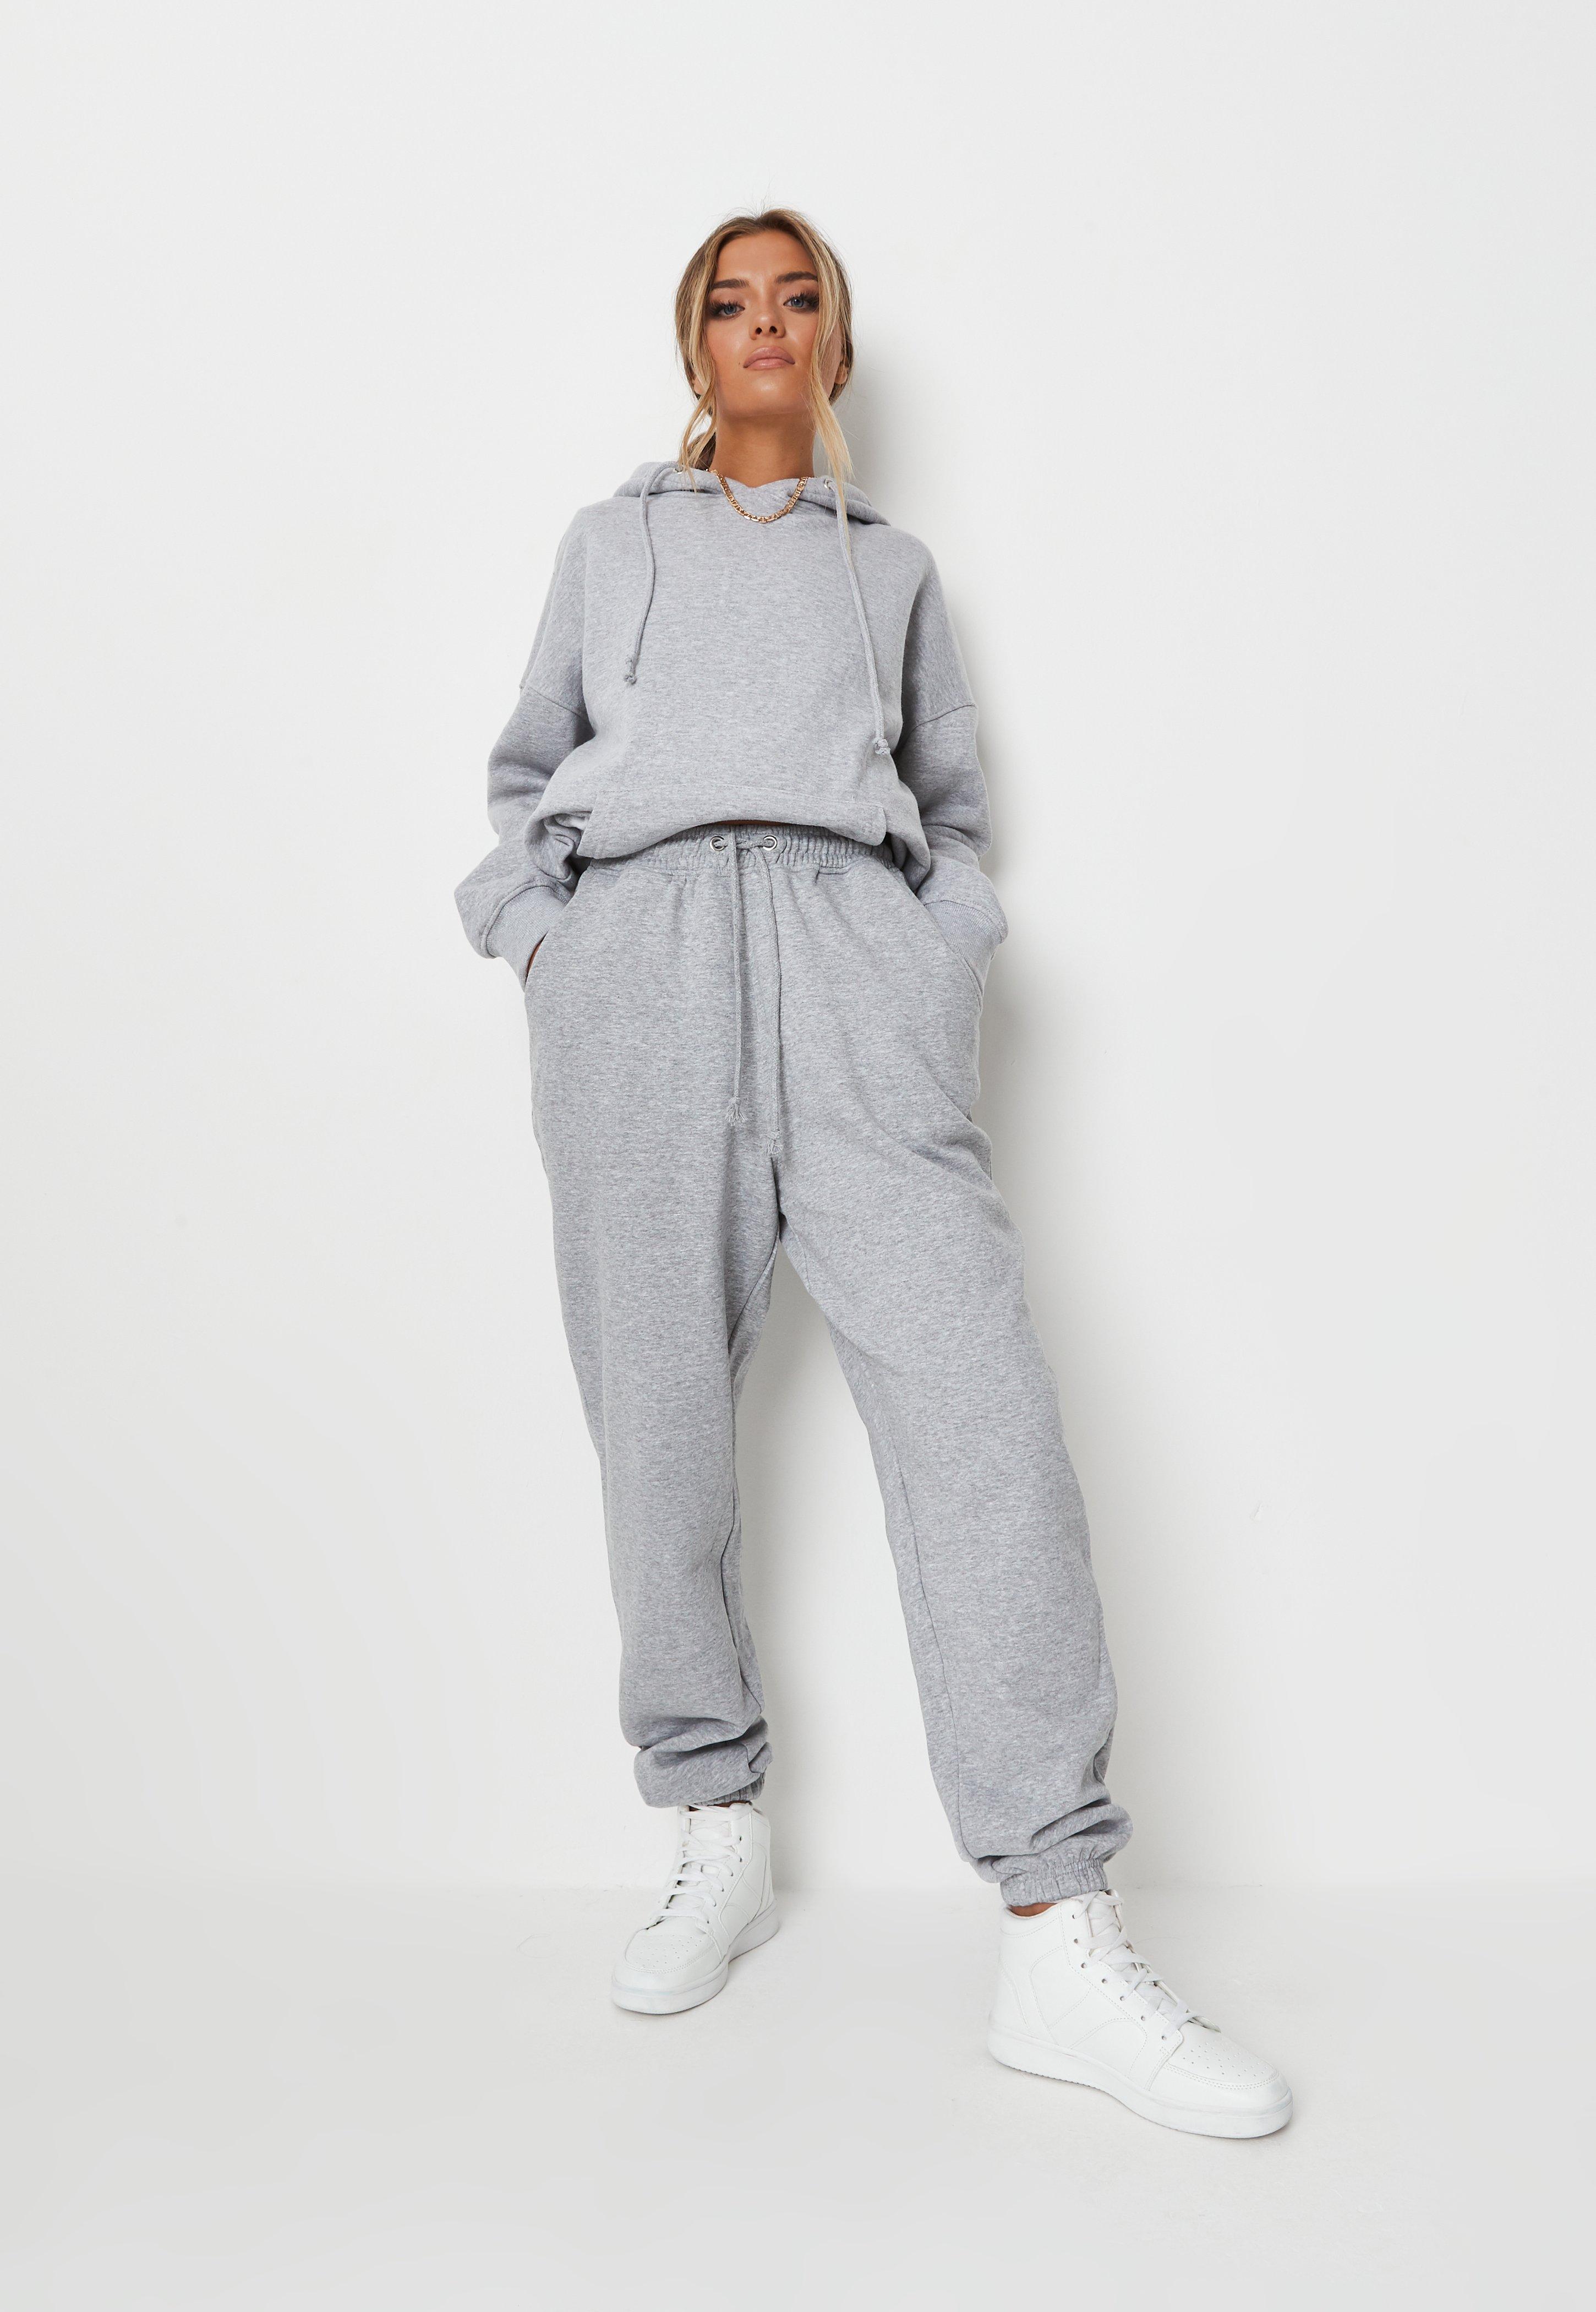 12 Best dresy images | Spodnie, Spodnie dresowe, Ubrania